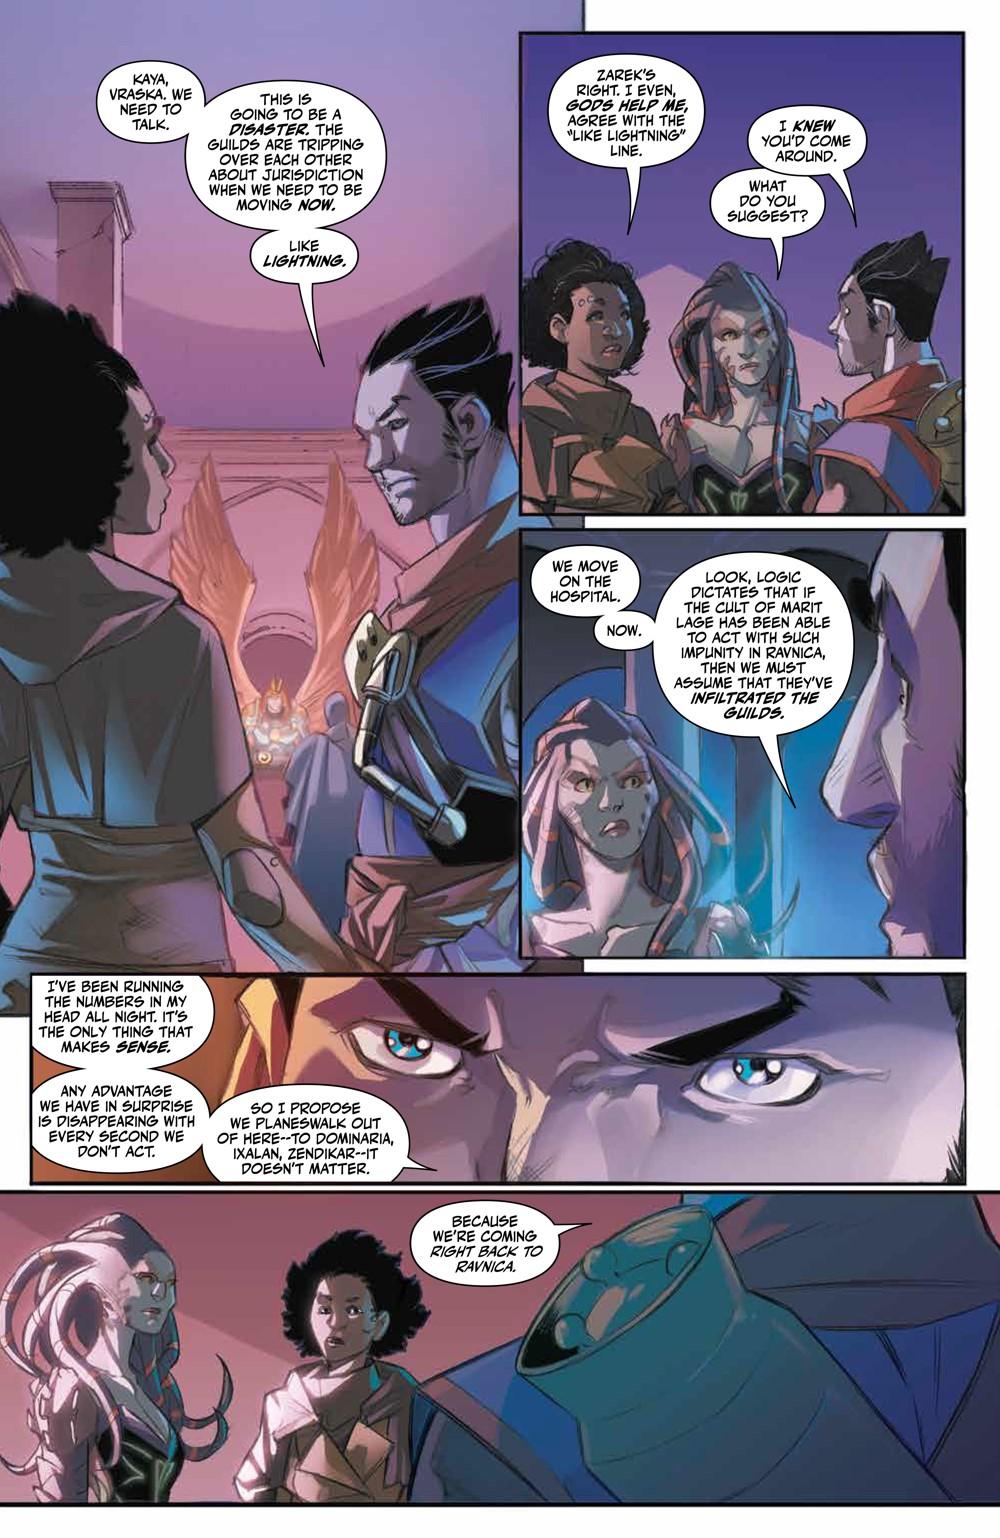 Magic_007_PRESS_5 ComicList Previews: MAGIC #7